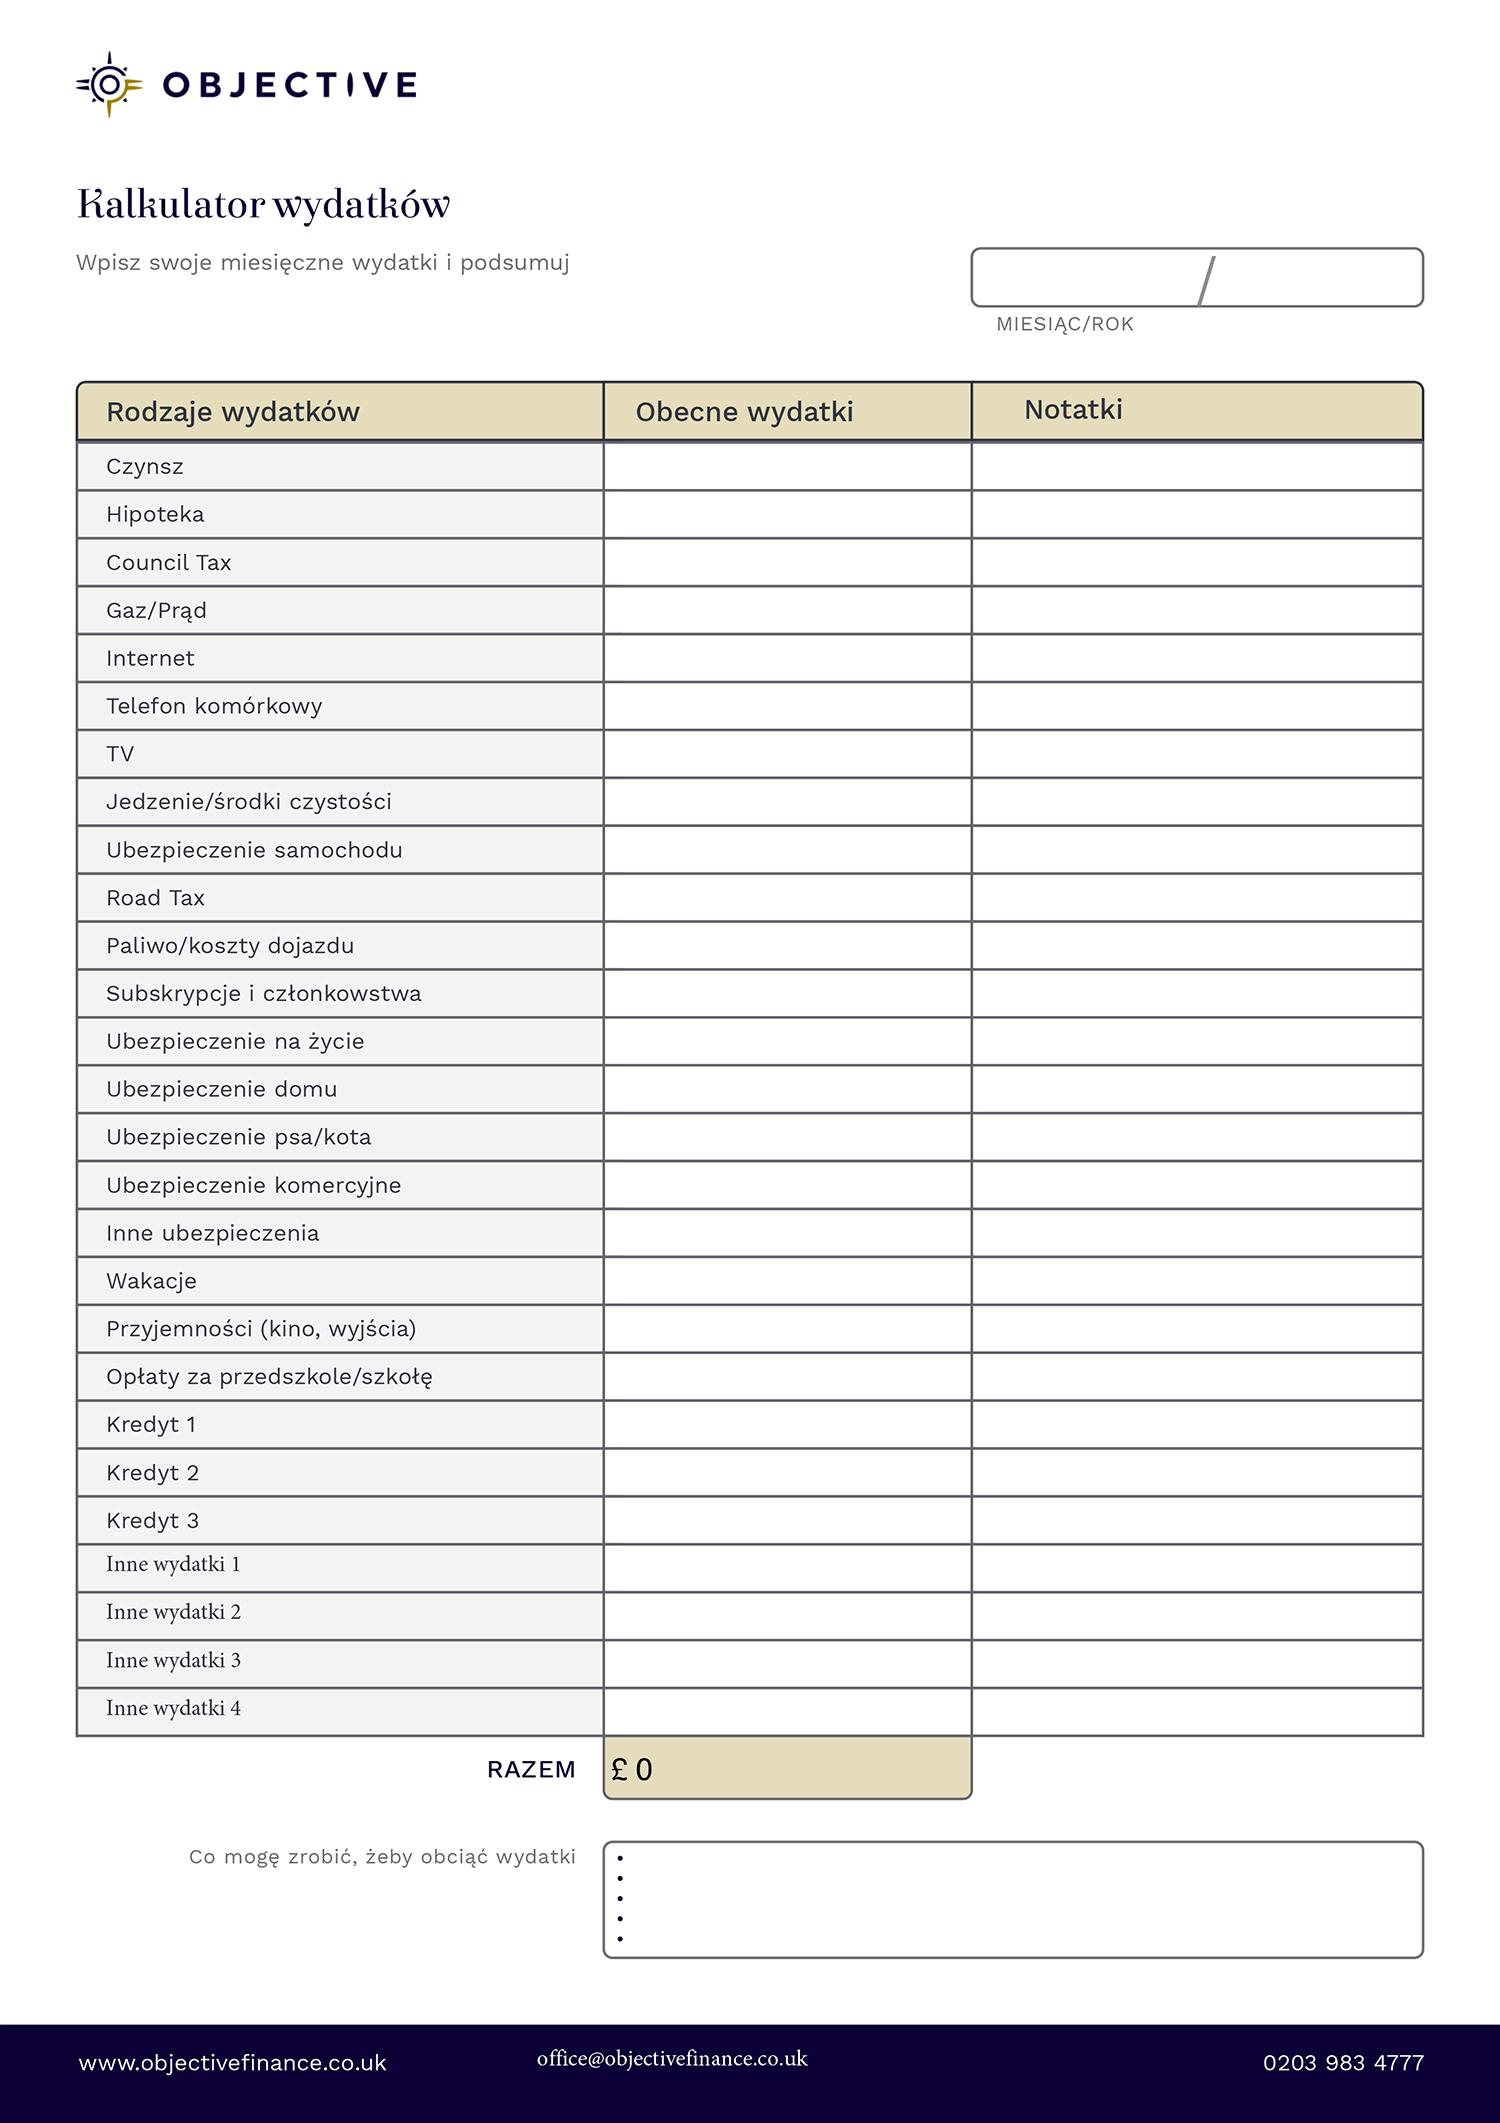 Kalkulator wydatków